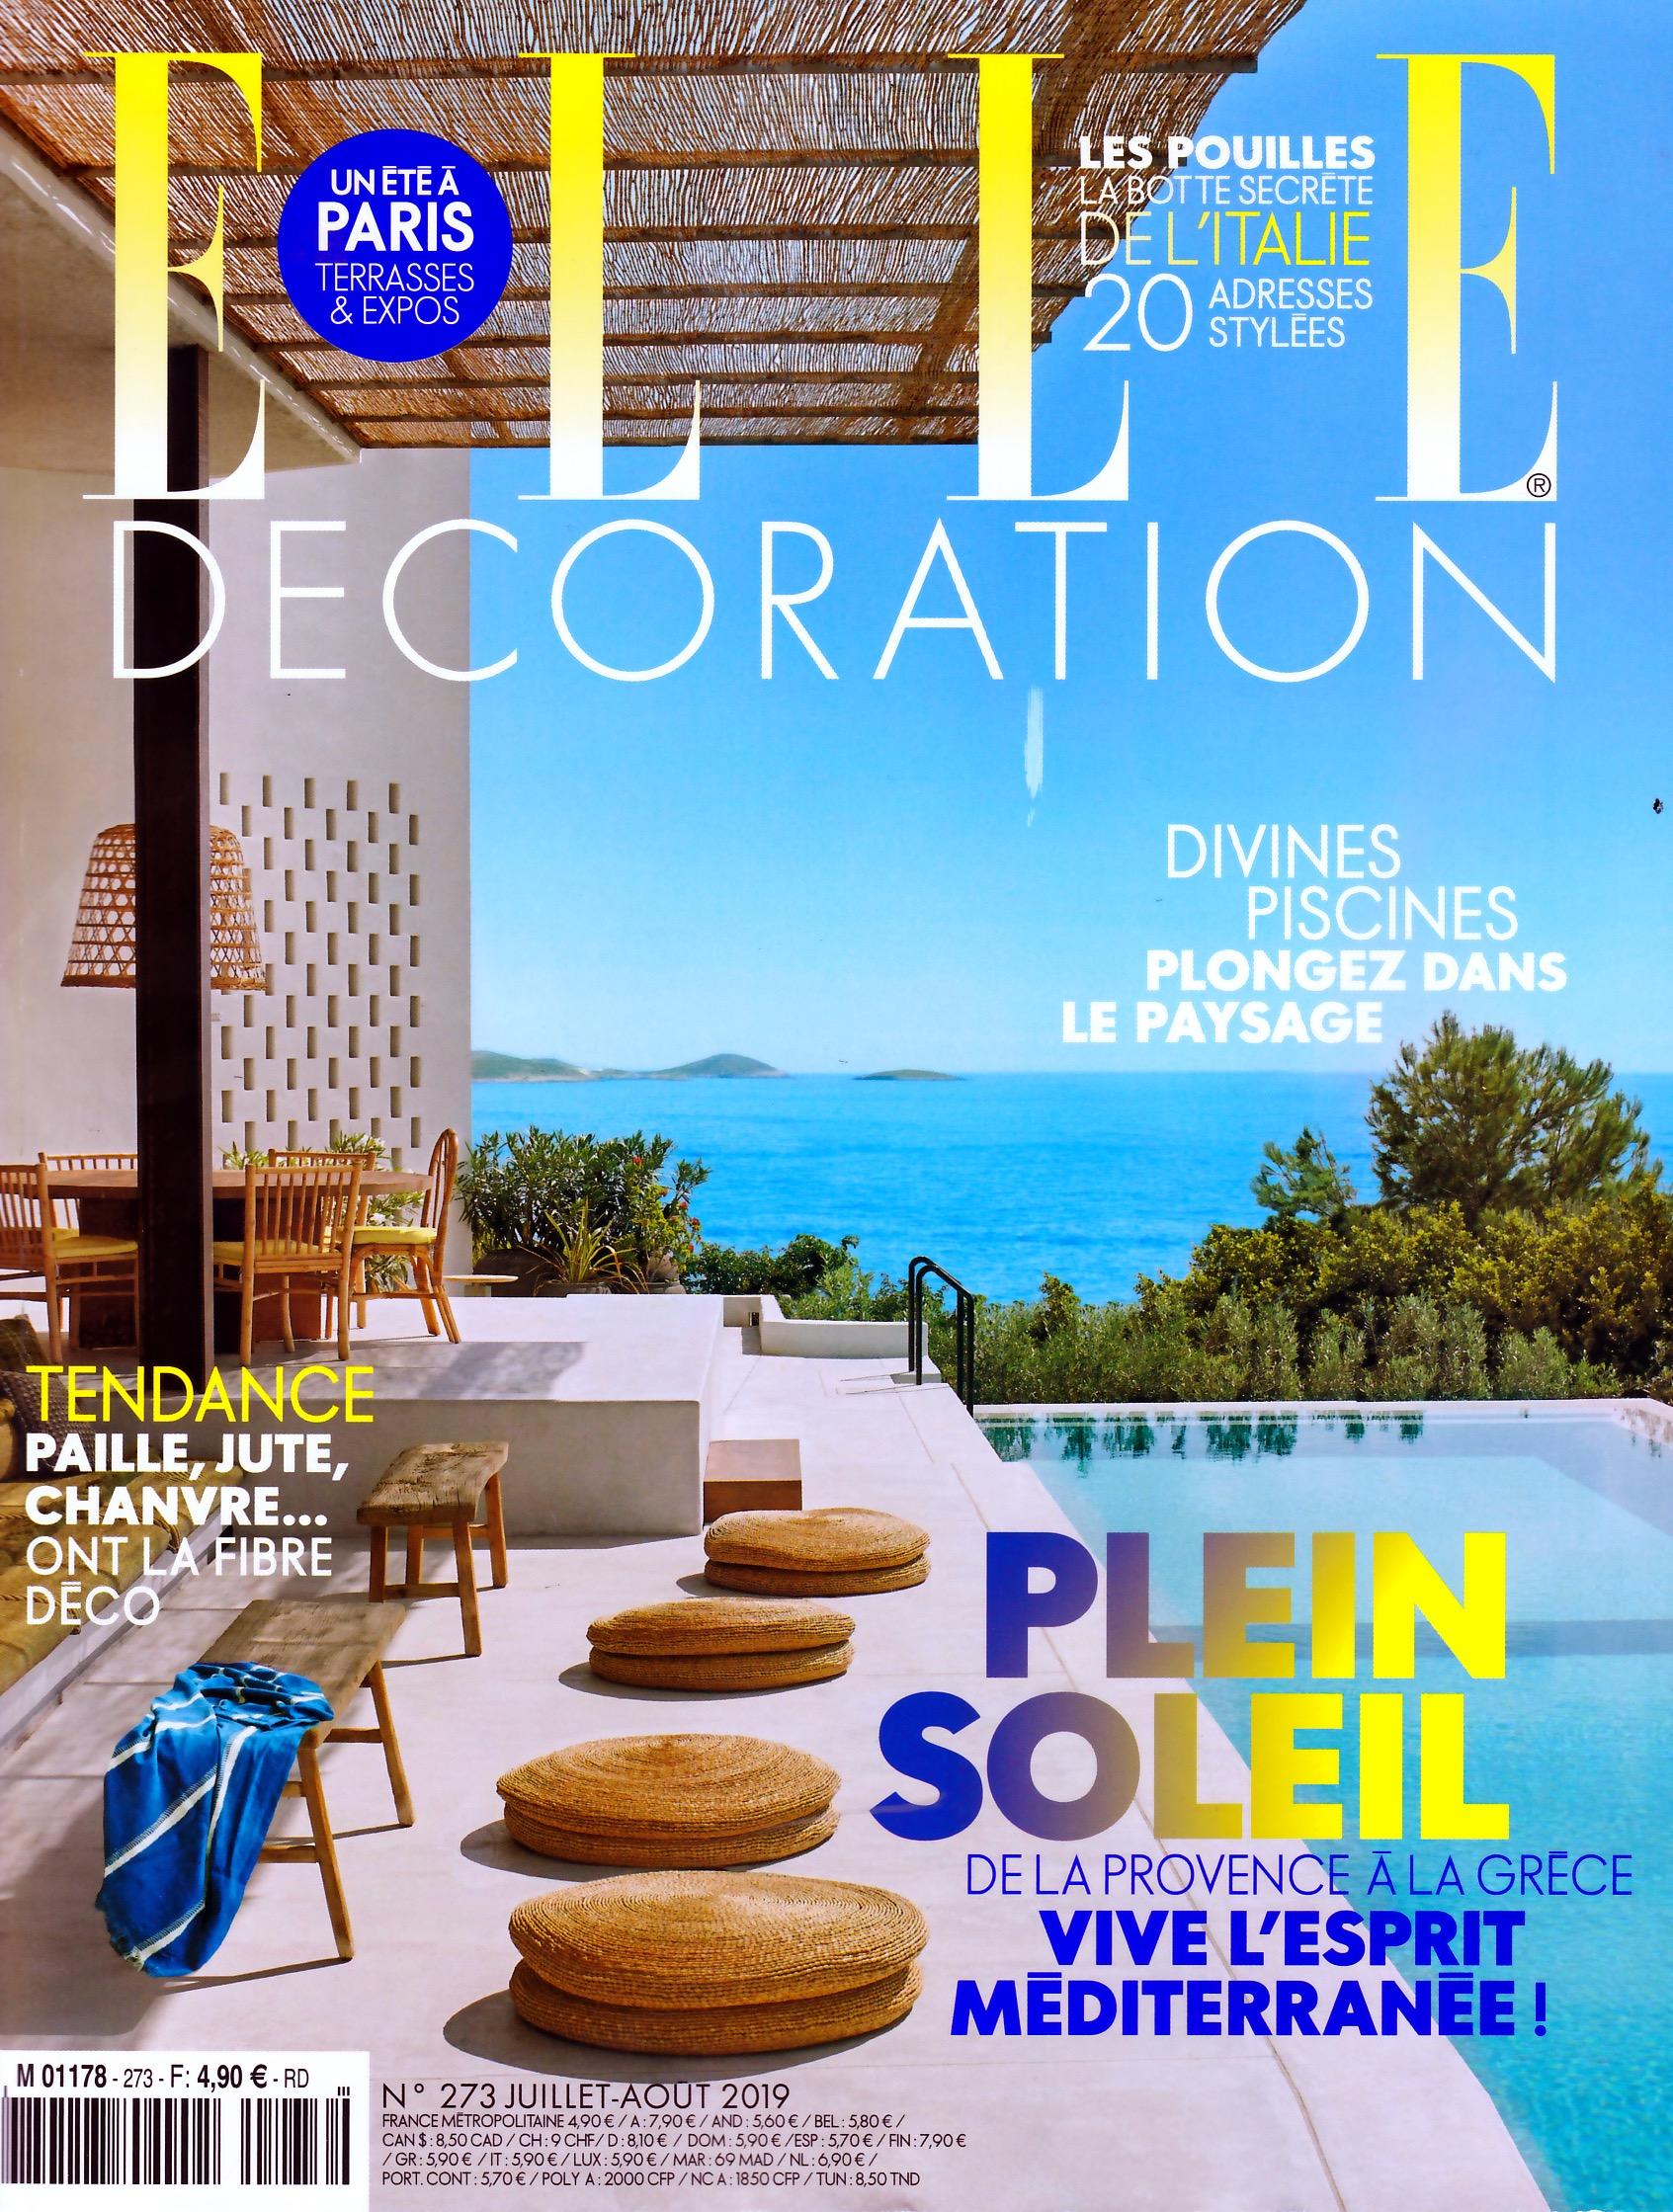 Elle décoration- 21 Juin 2019 (1/2)